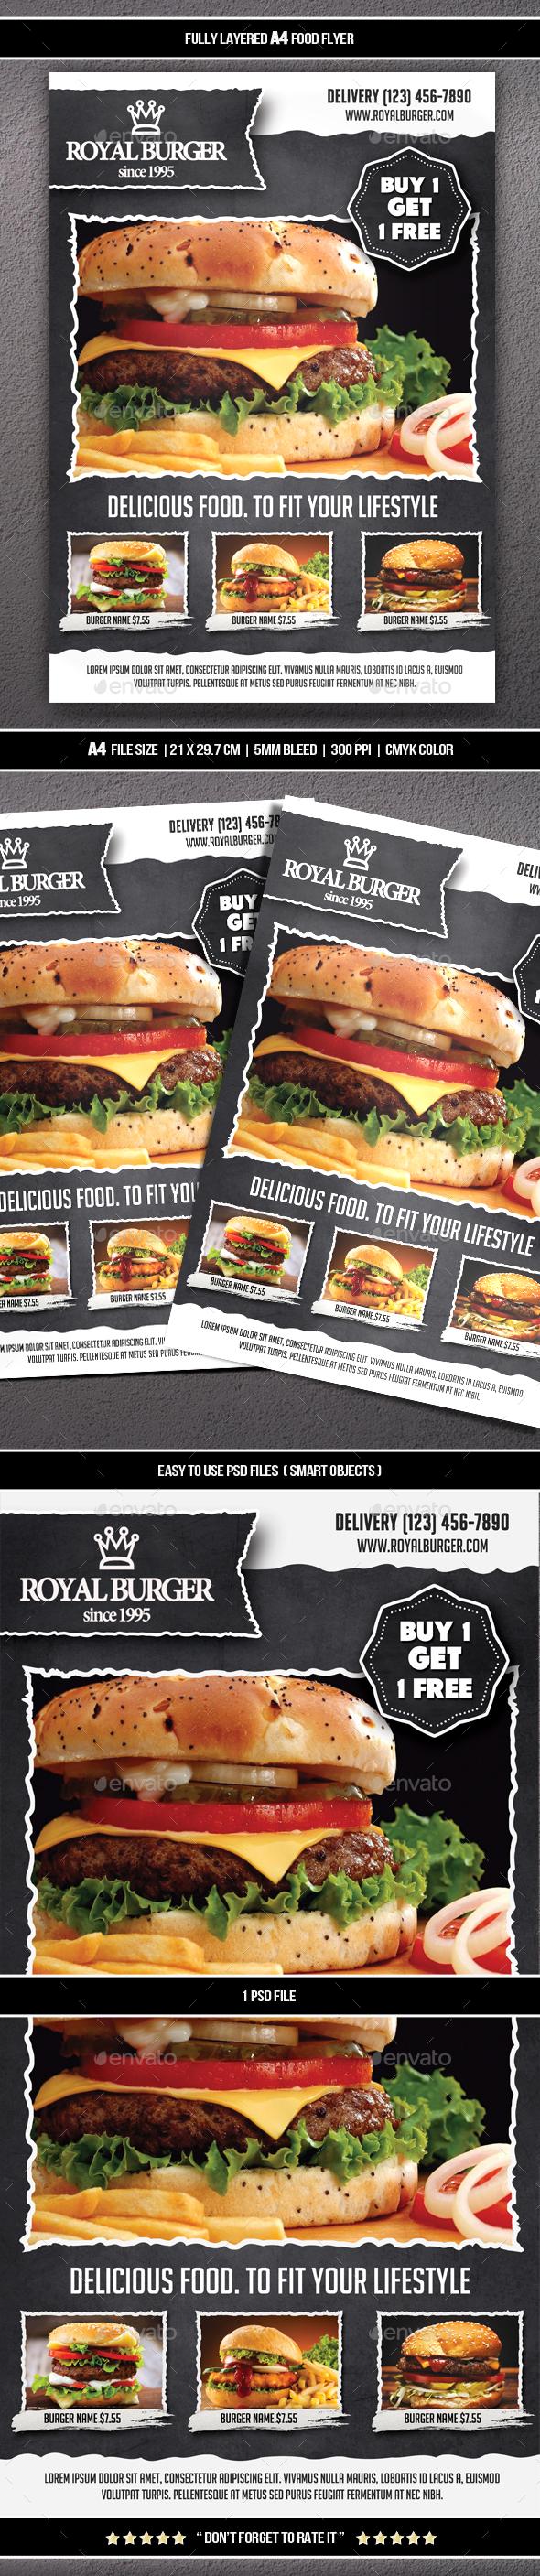 Food Flyer 9 (A4) - Restaurant Flyers